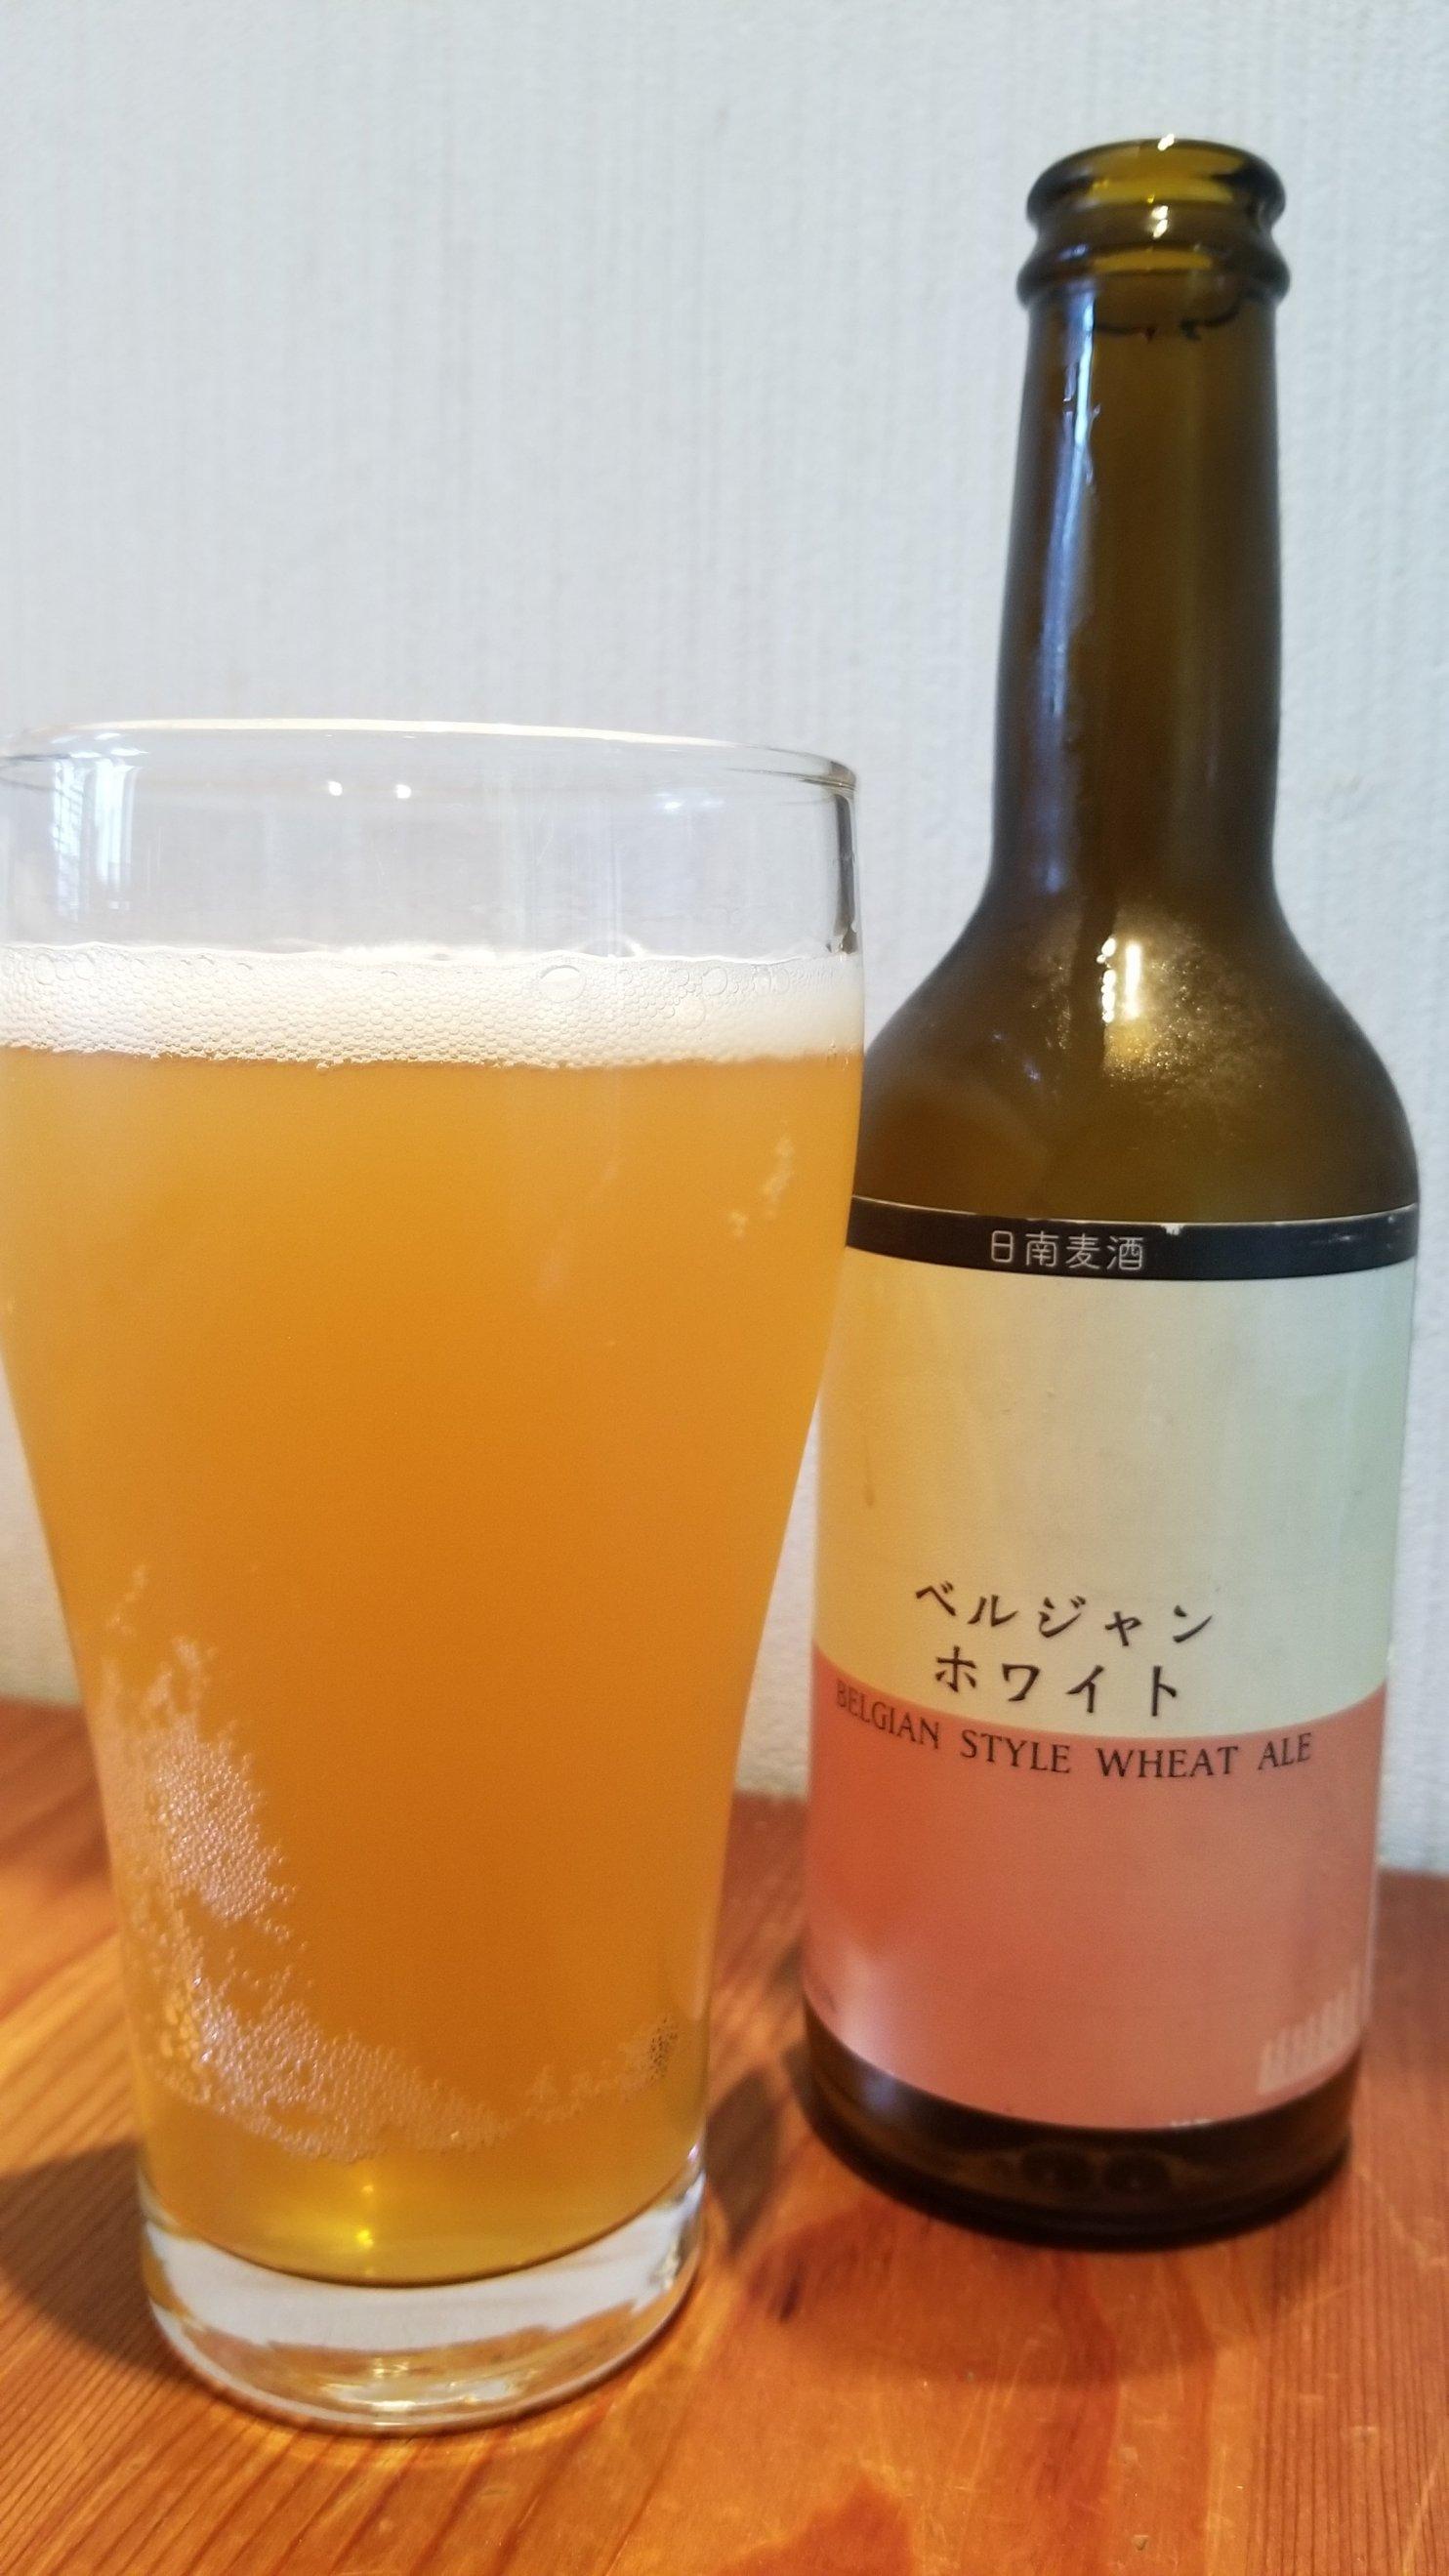 Nichinan Beer Belgian Wheat Ale 日南麦酒 ベルジャンホワイト